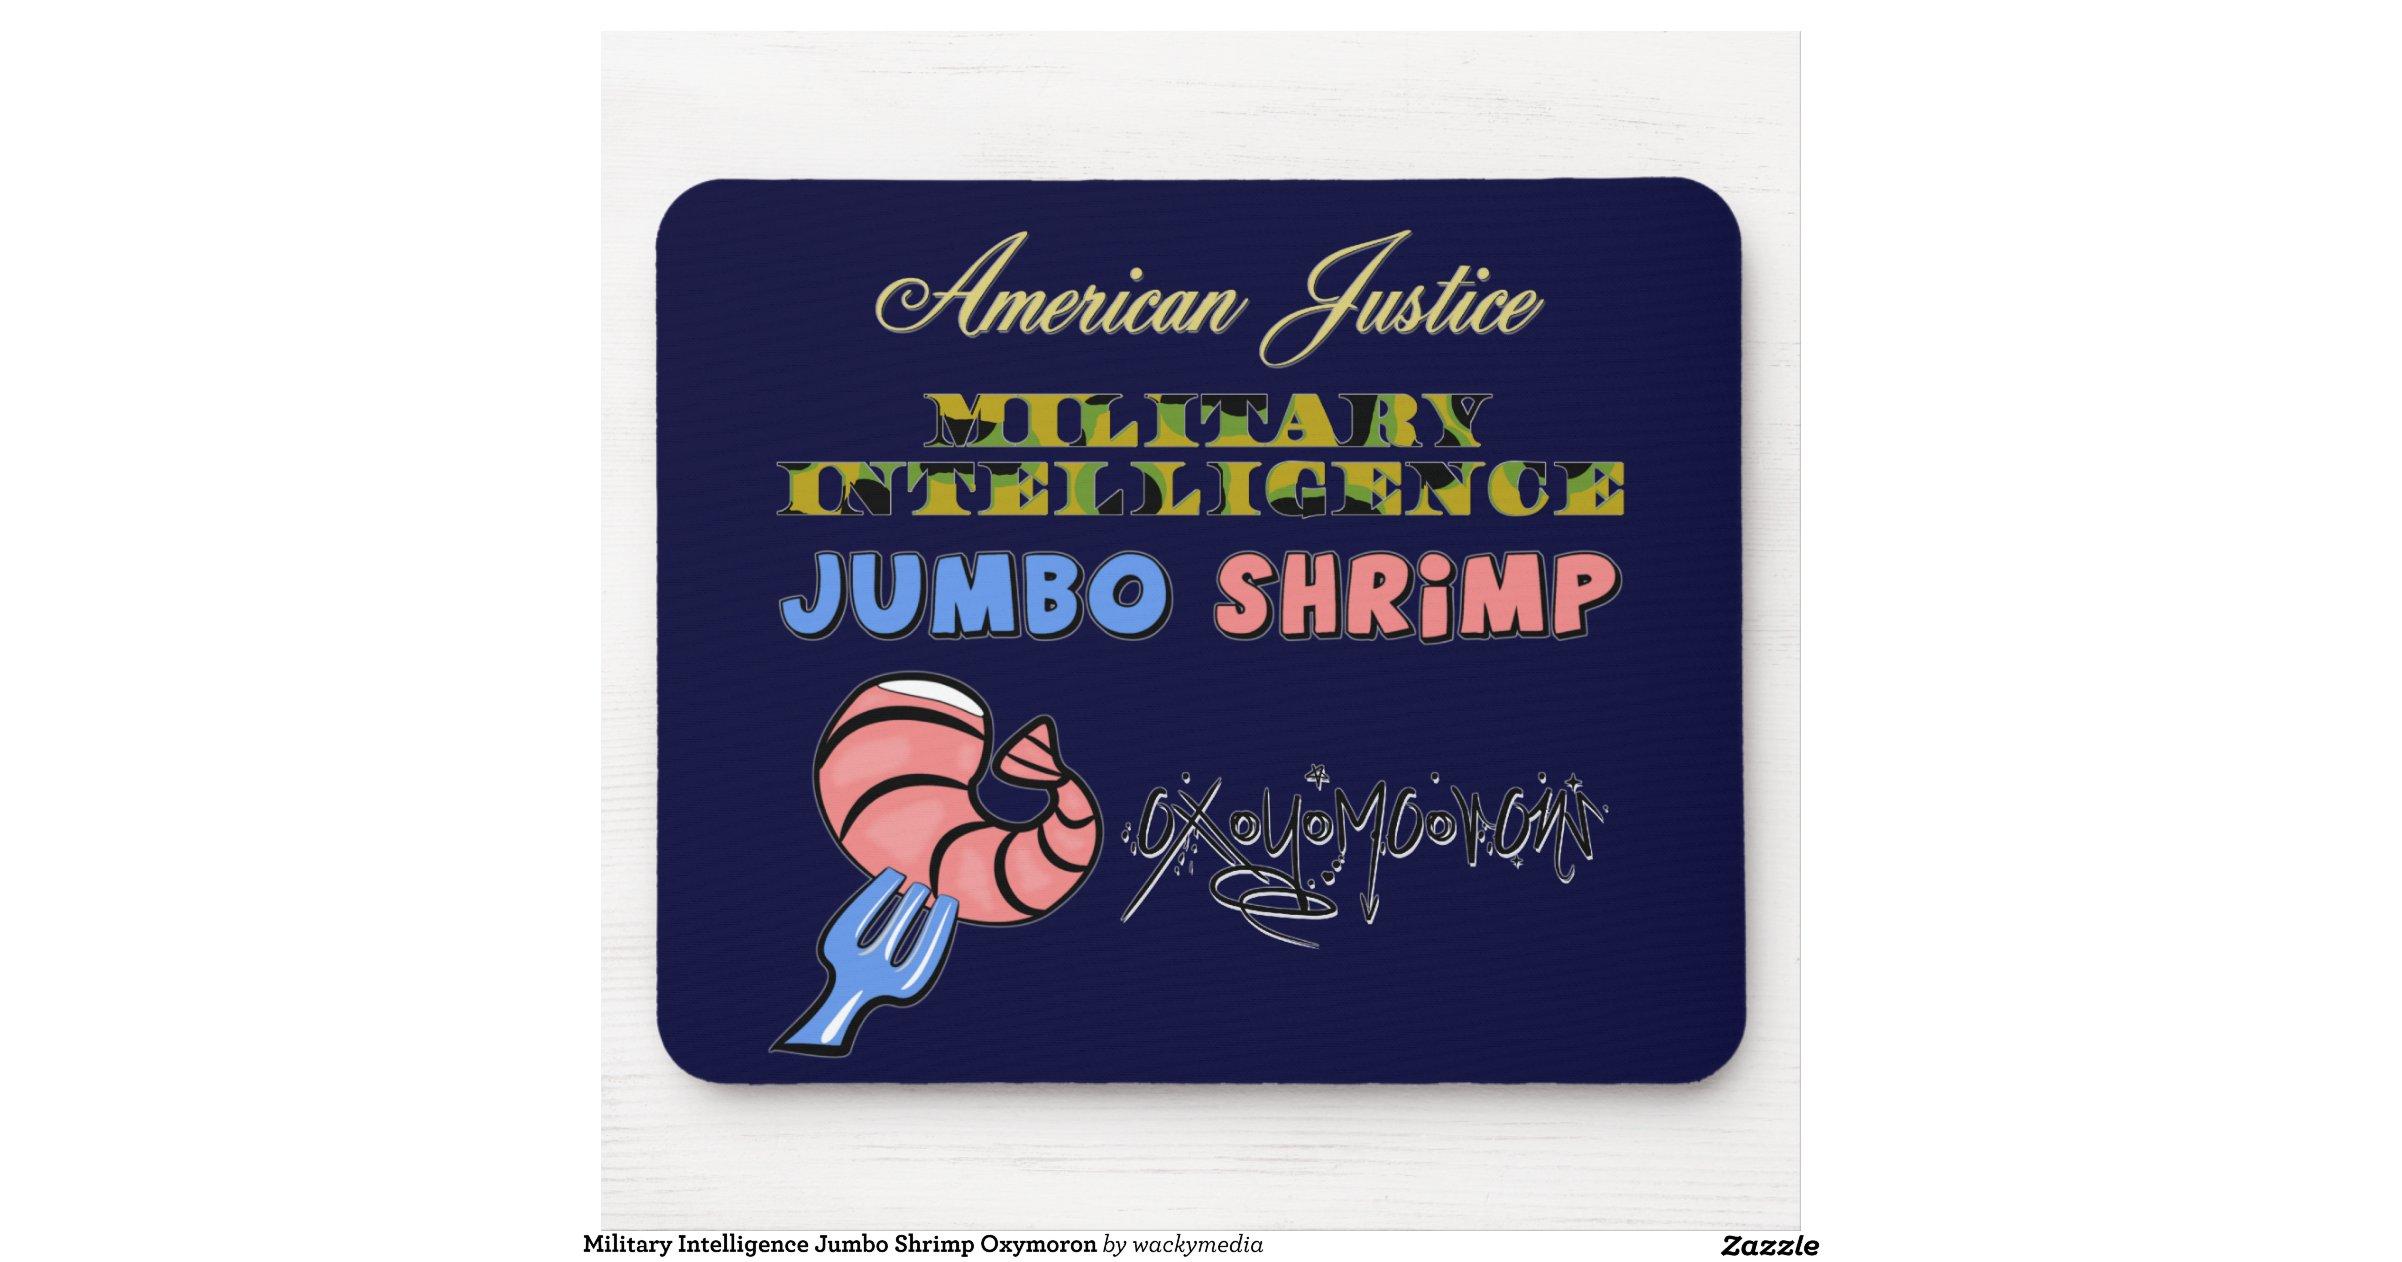 Military Intelligence Jumbo Shrimp Oxymoron Mouse Pad | Zazzle